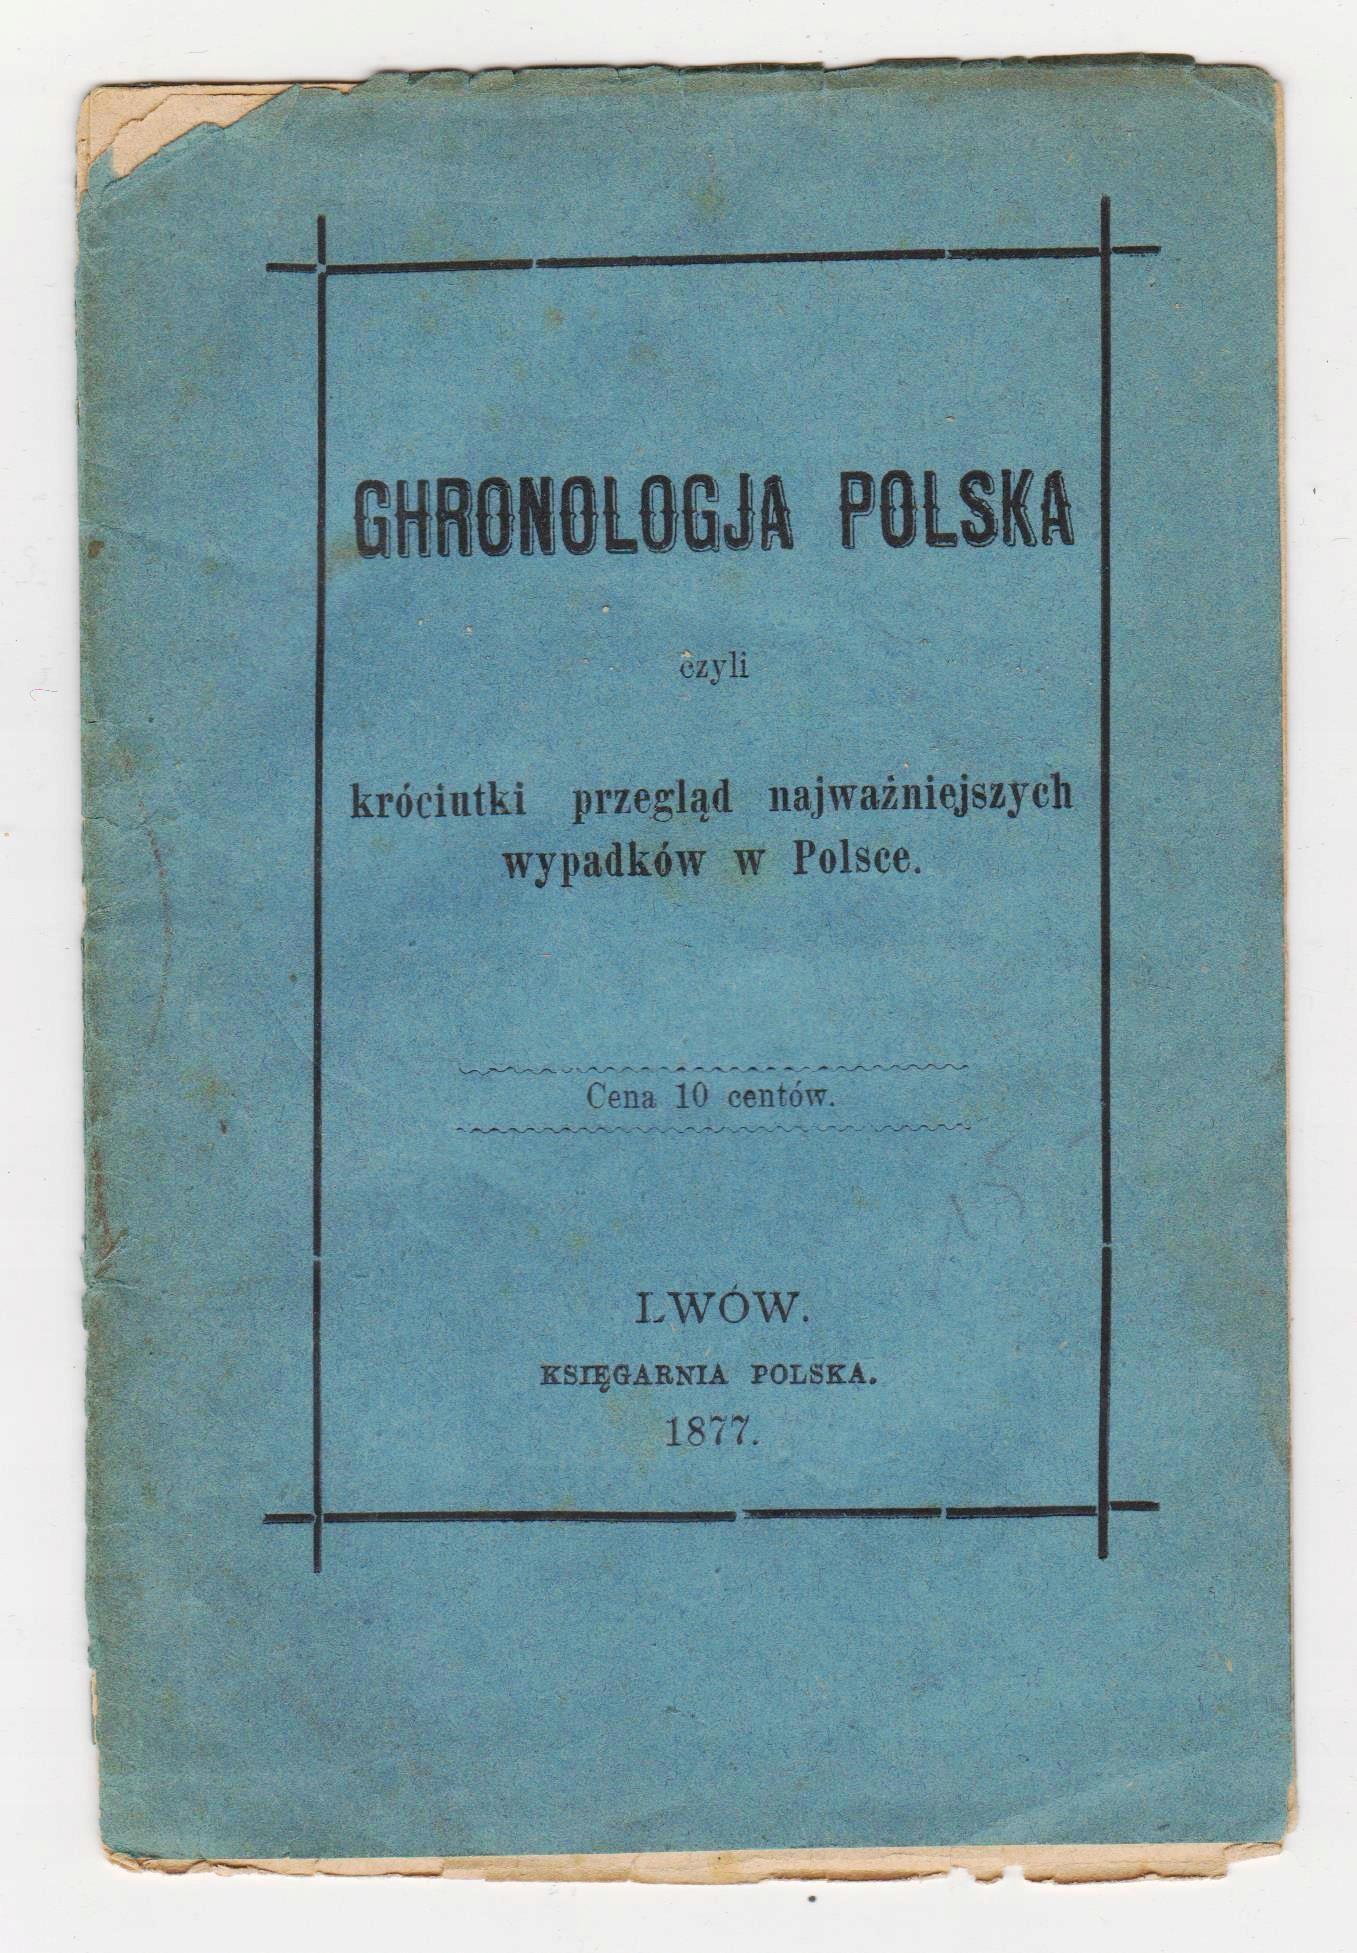 Chronologia polska Lwów 1877 r druk ulotny